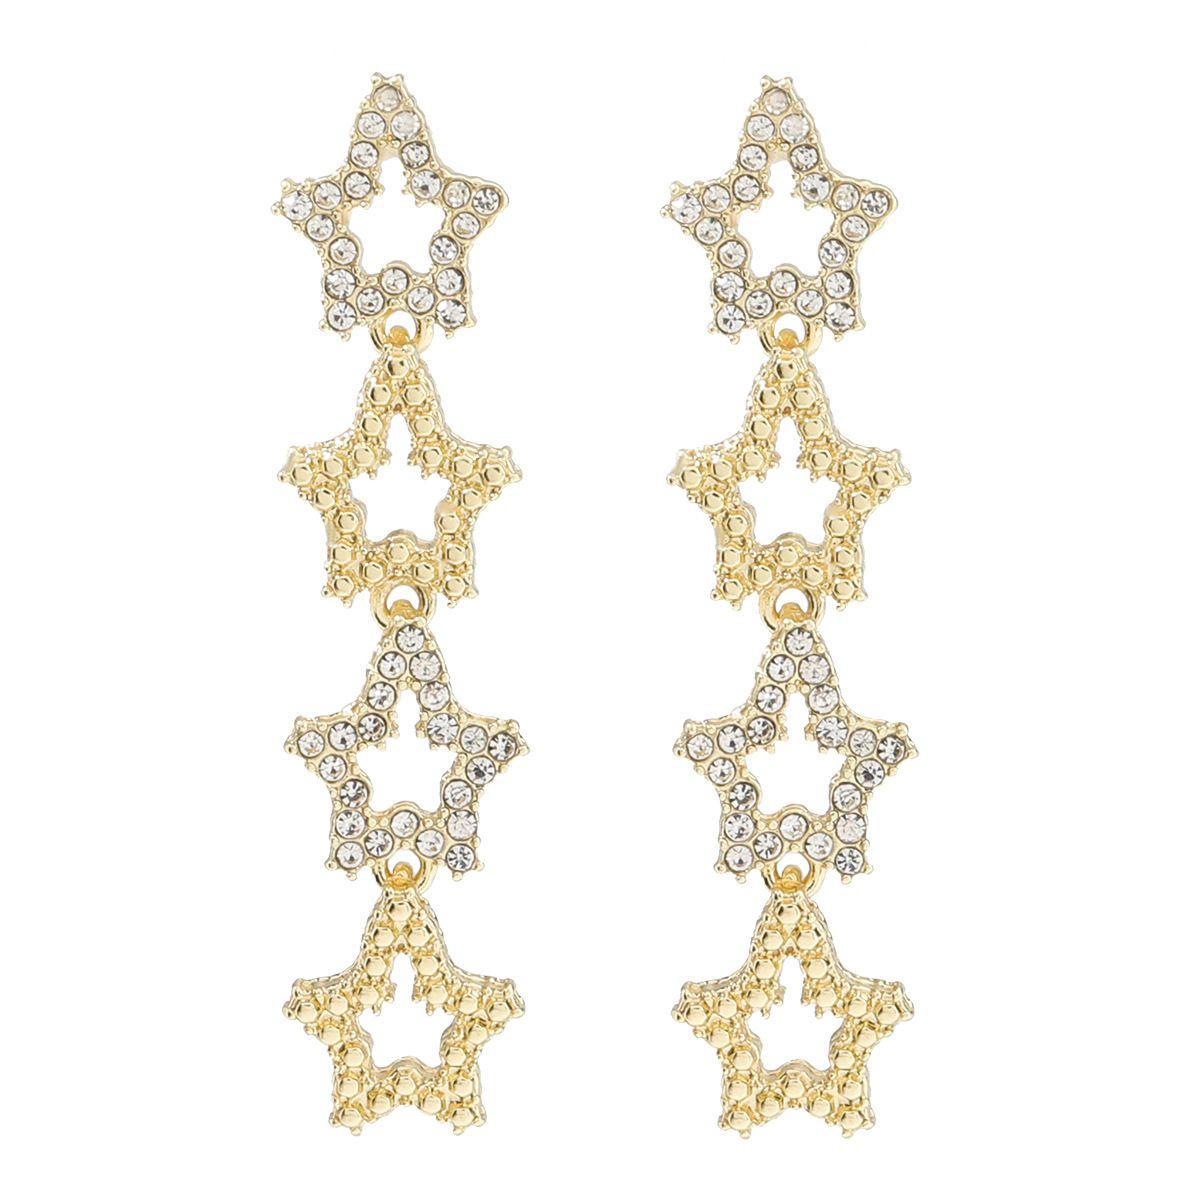 Братья люстра Женщины Золотые Длинные Звезды Серьги Мода Алмазный сплав Простой Стиль Леди Вечеринка Богемский